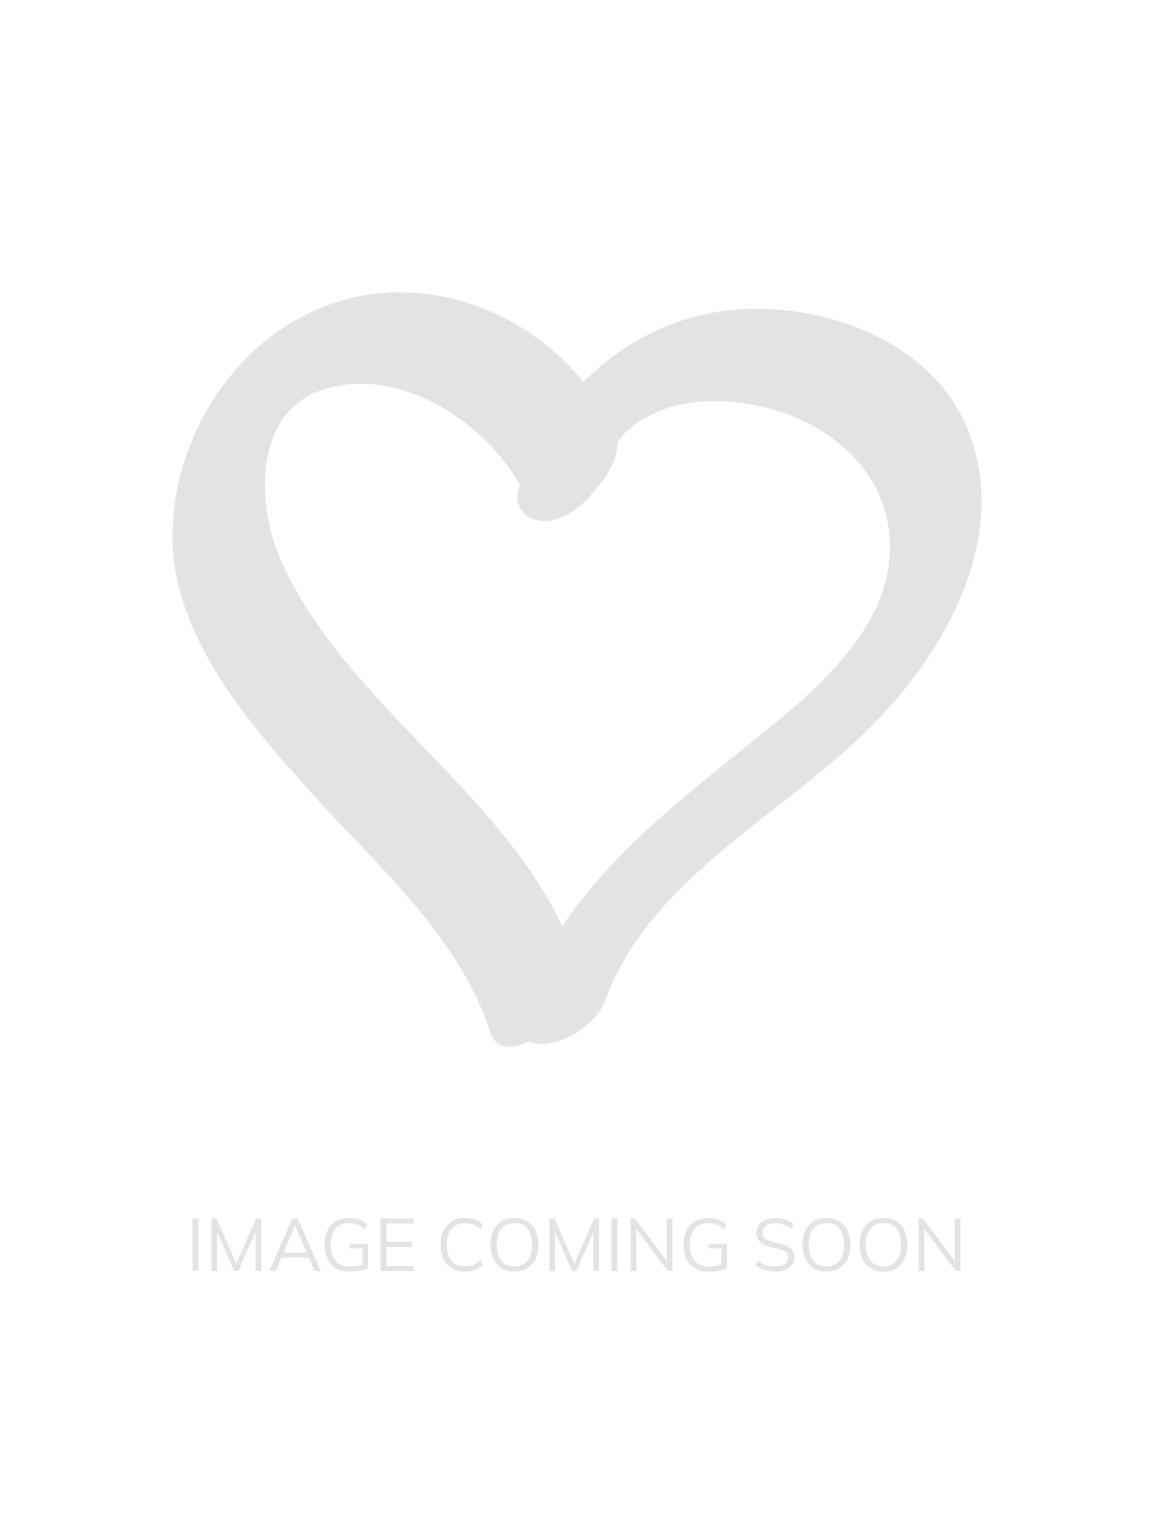 b212d286ba Sundance High Neck Bikini Top - Hot Pink